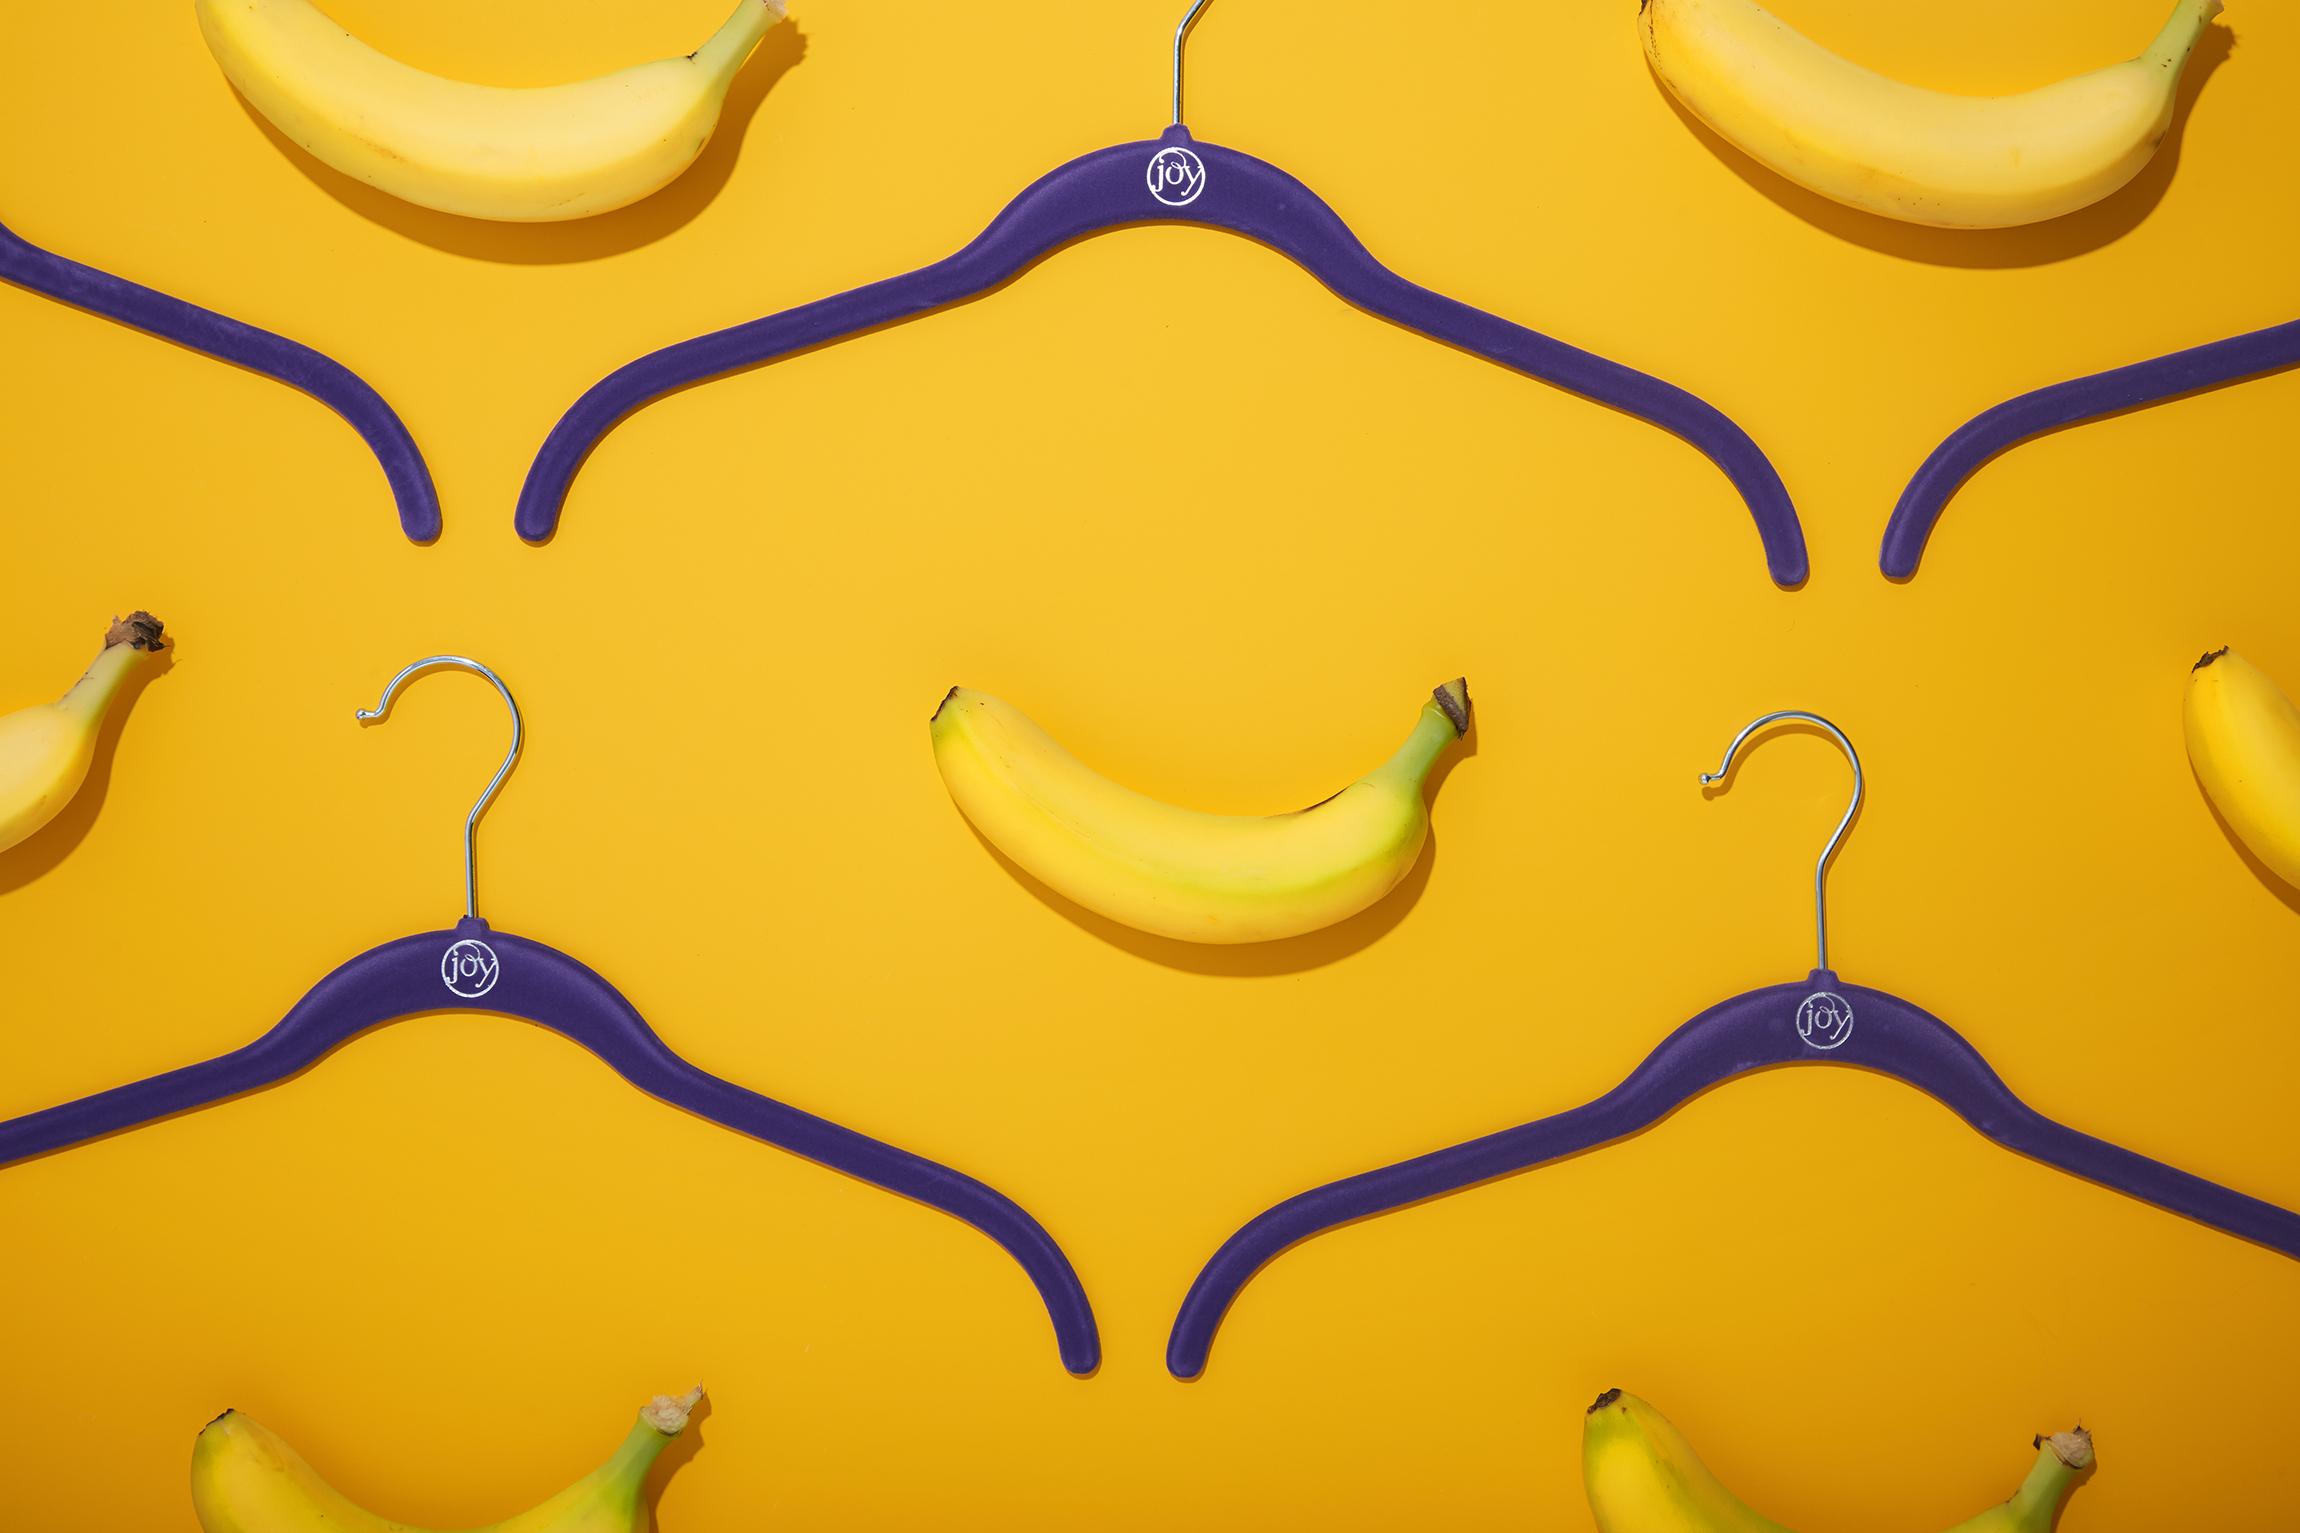 JOY_Bananas still.jpg